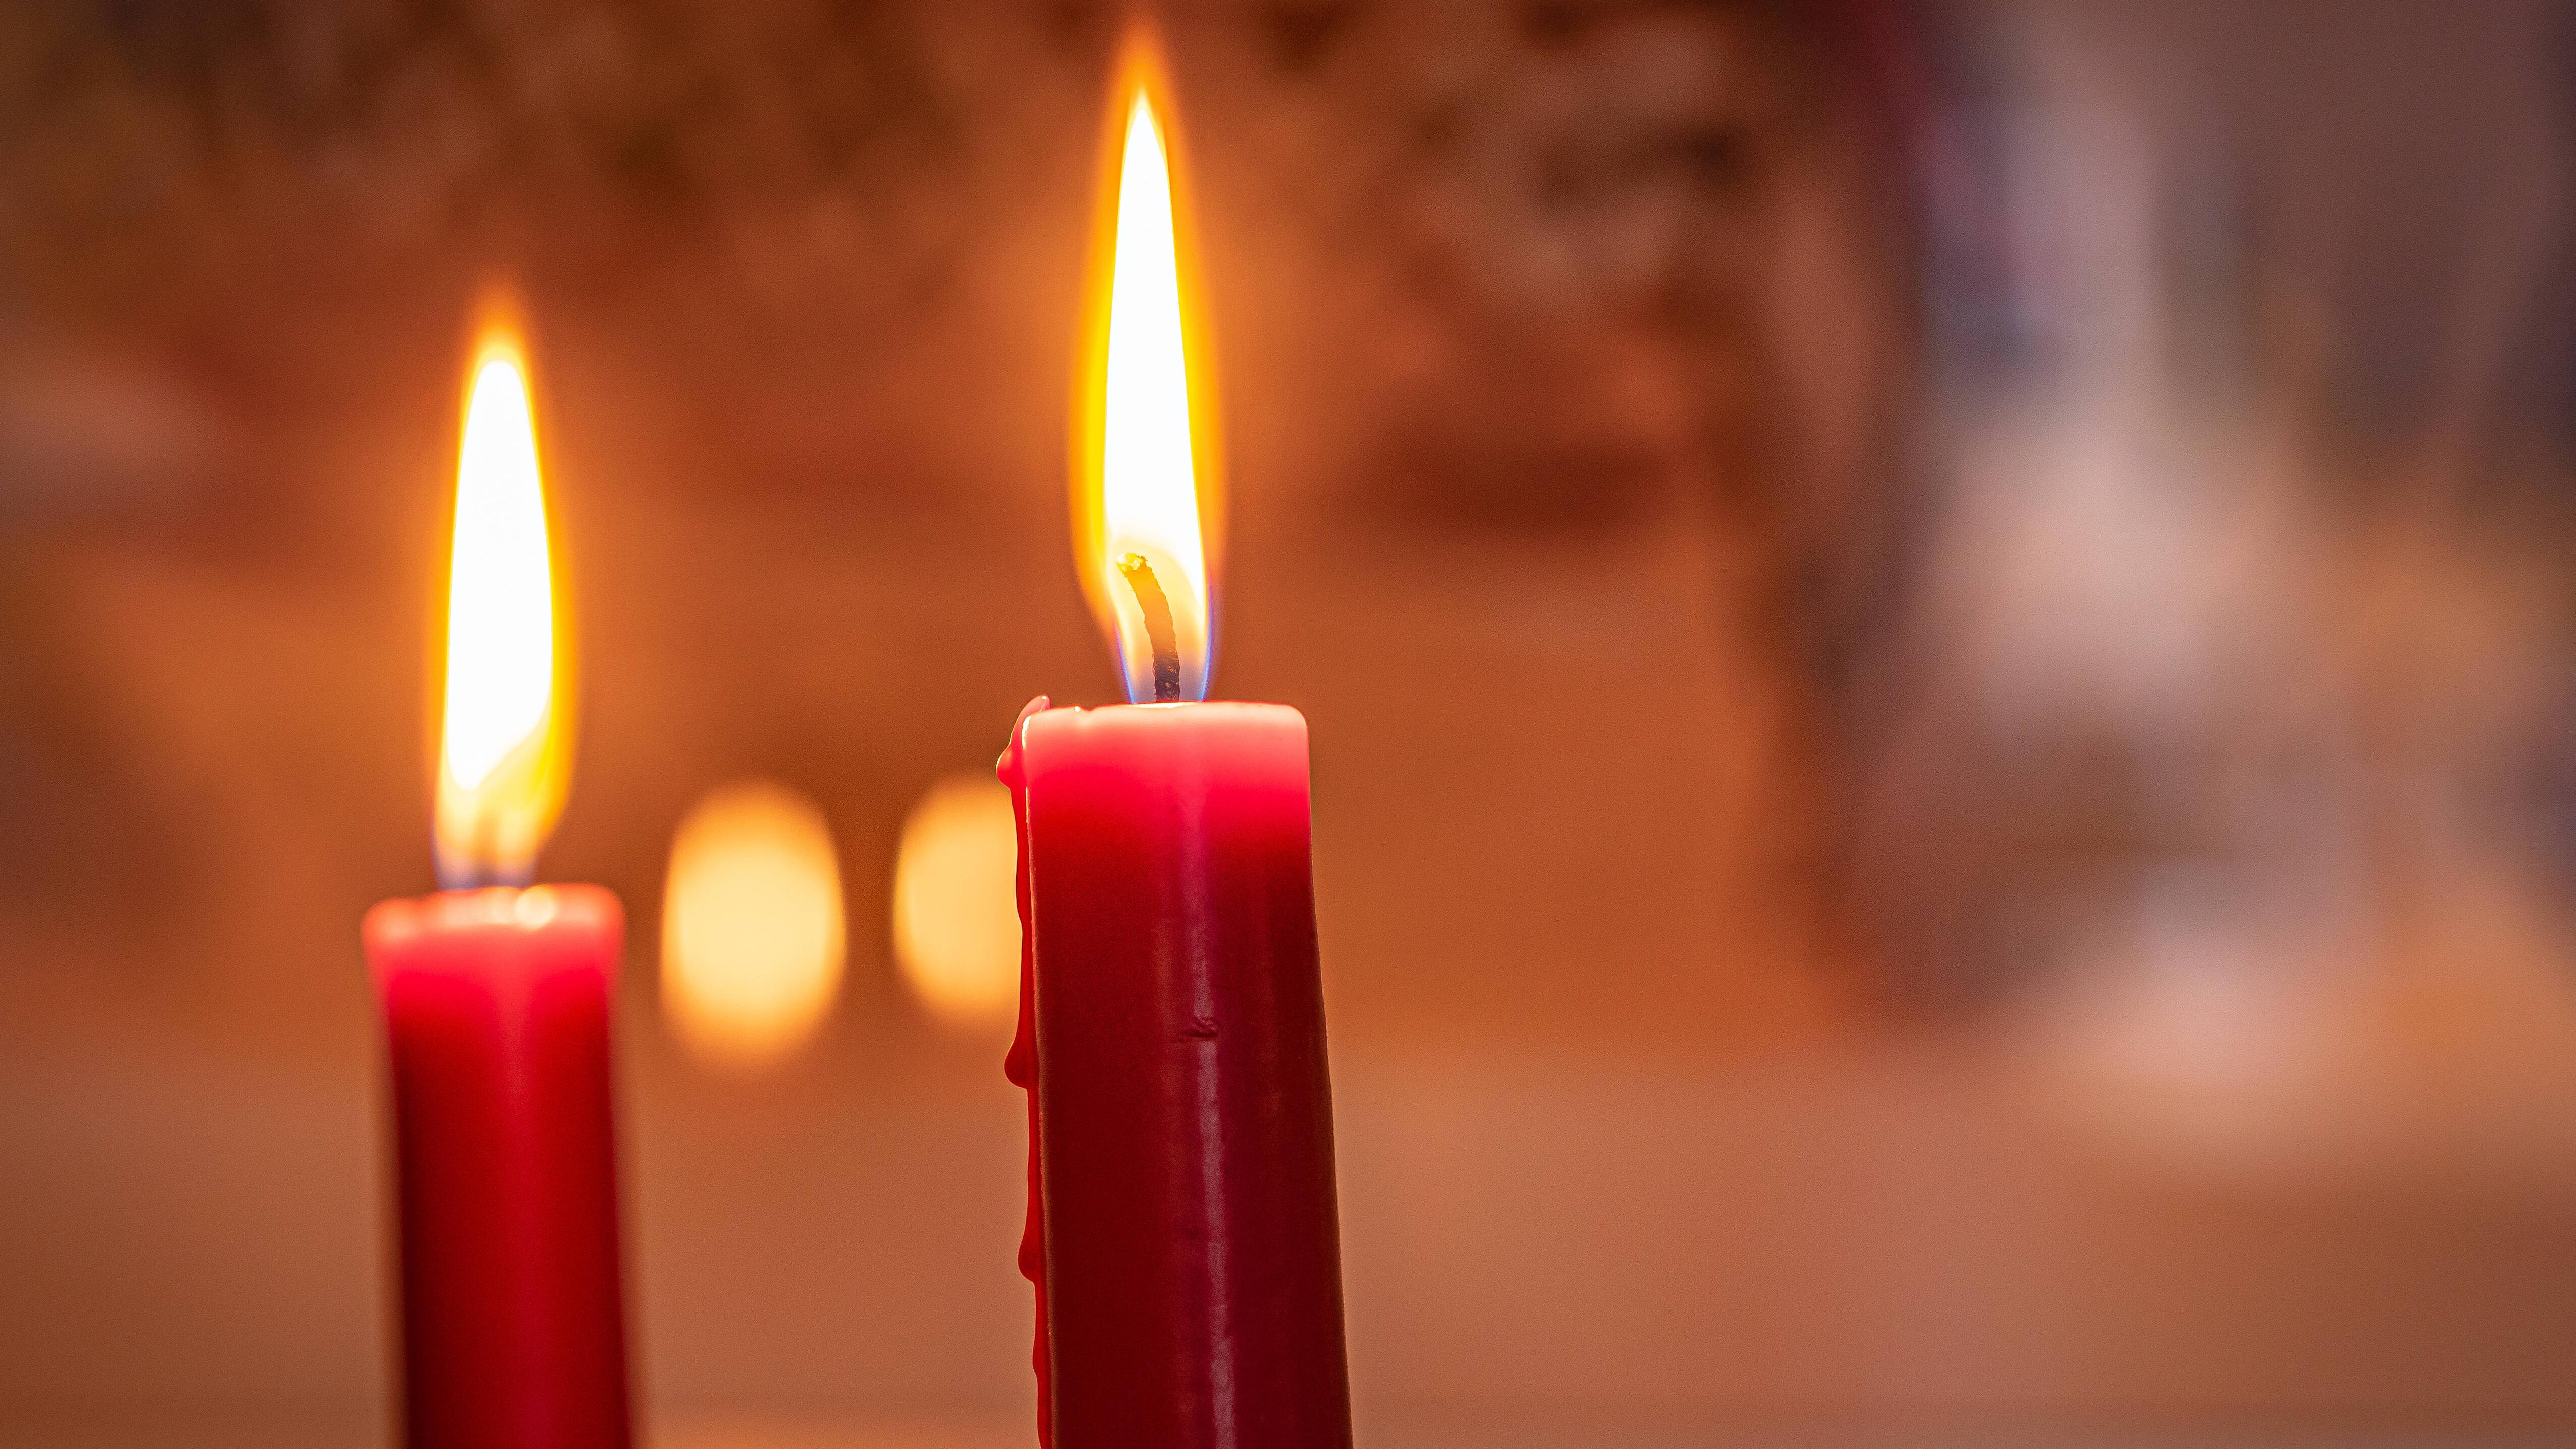 Wachsspiele: So bringen Sie im Bett heißes Kerzenwachs ins Spiel